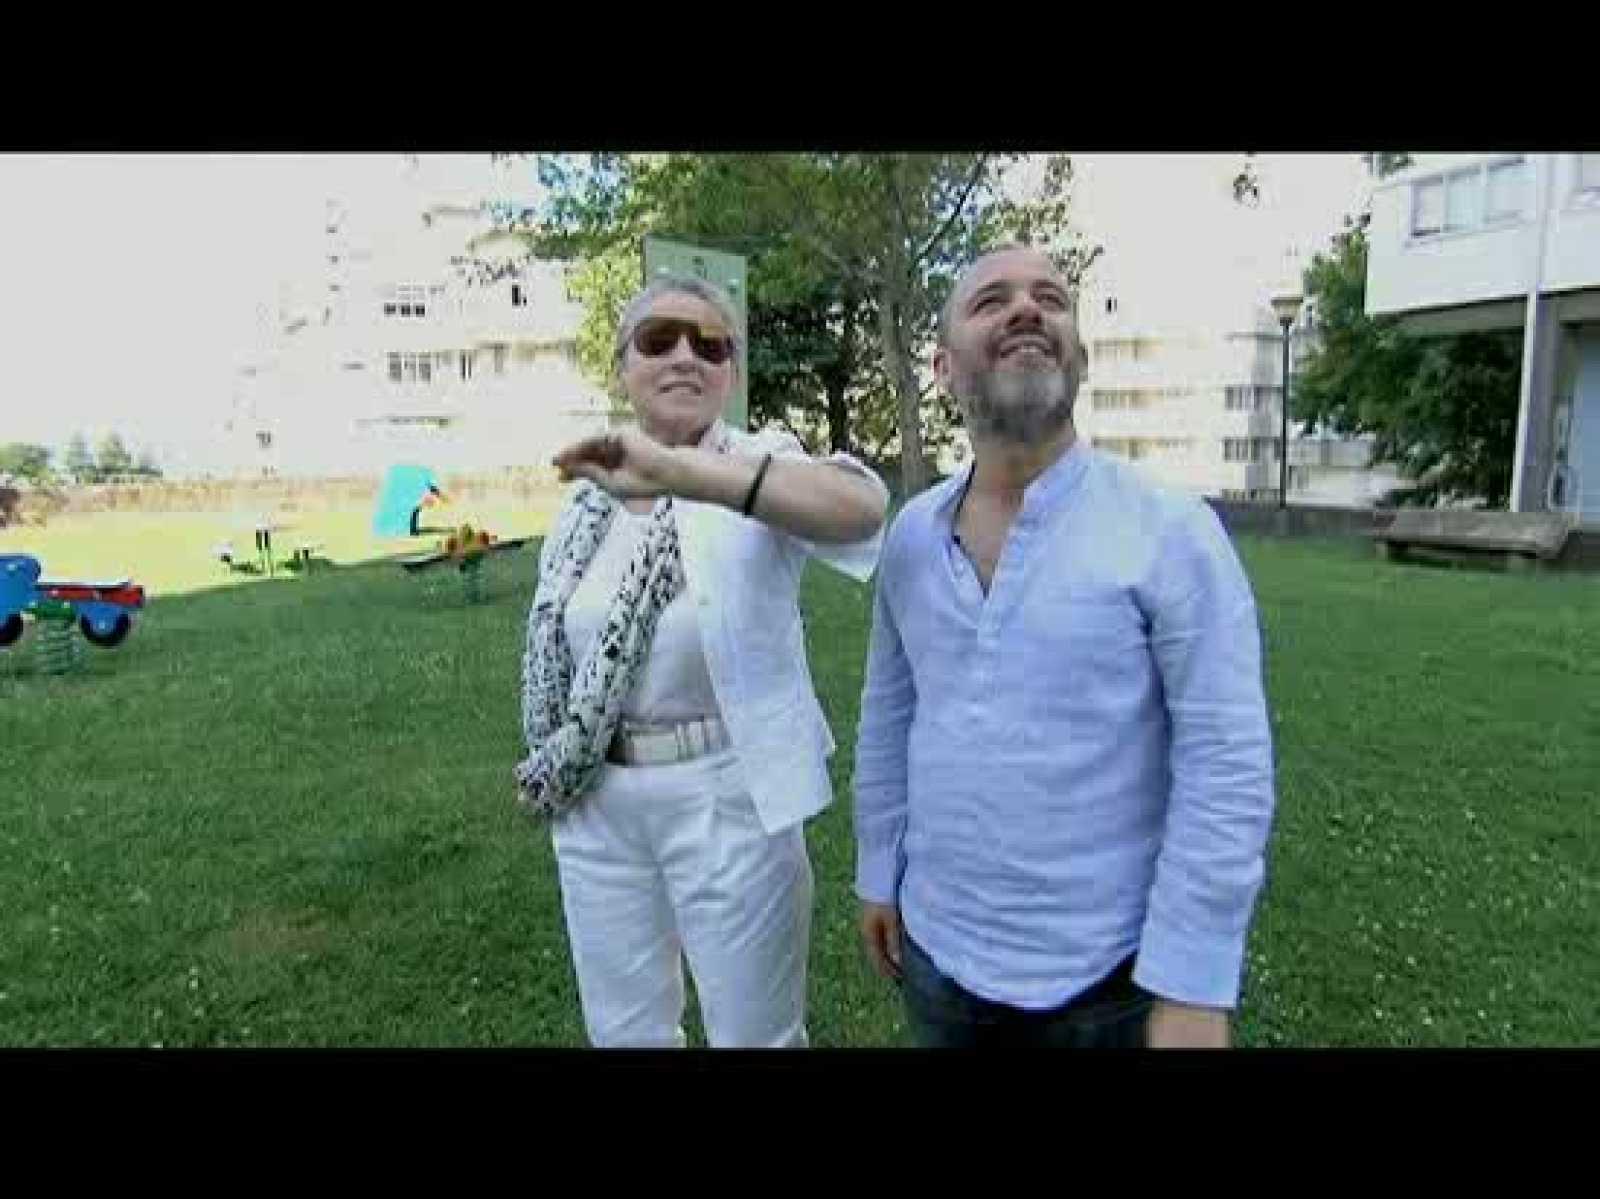 Javier Gutierrez y la anecdota del pavo